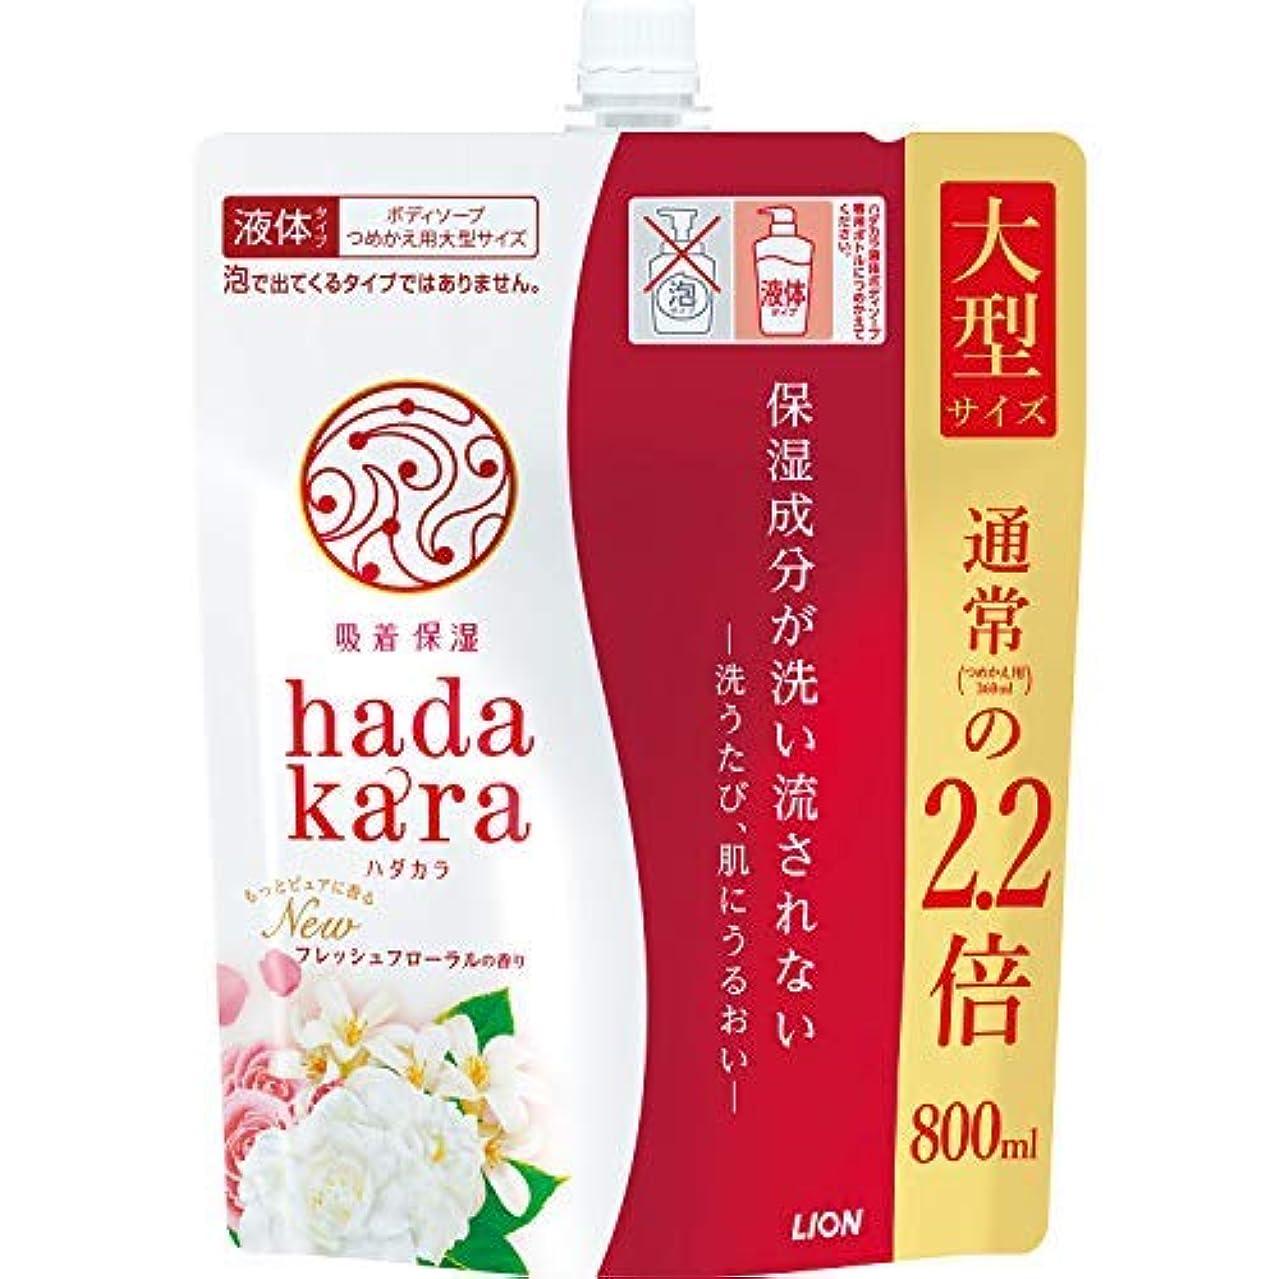 発生増加する織るhadakara(ハダカラ)ボディソープ フレッシュフローラルの香り 詰替え用 大型サイズ 800ml × 3個セット